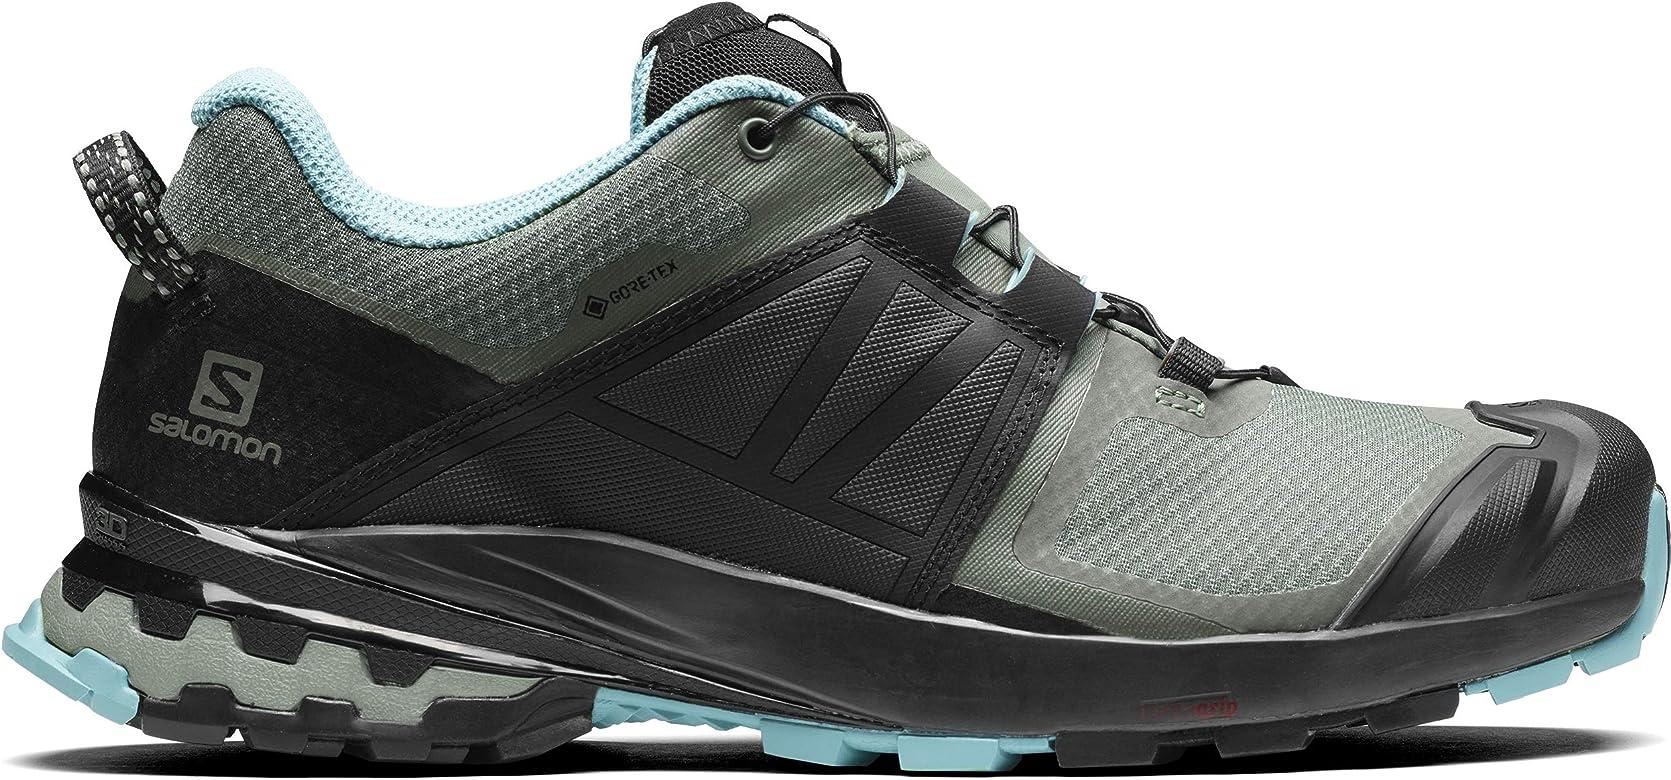 Salomon XA Wild GTX, Zapatillas para Correr de Diferentes Deportes para Mujer, Balsam Green/Black/Meadowbrook, 37 1/3 EU: Amazon.es: Zapatos y complementos